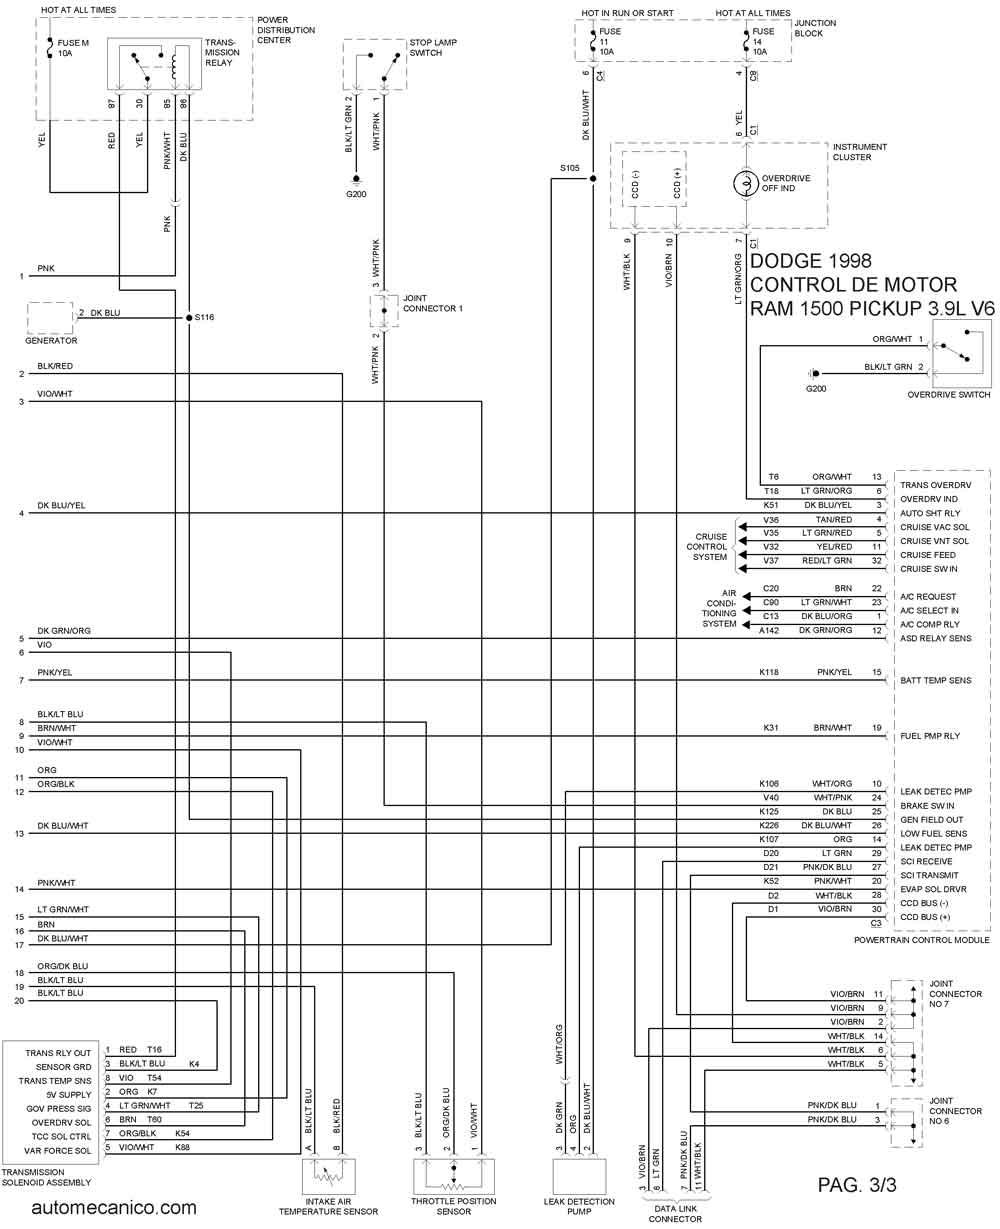 1991 dodge pickup diagrama de cableado sbec